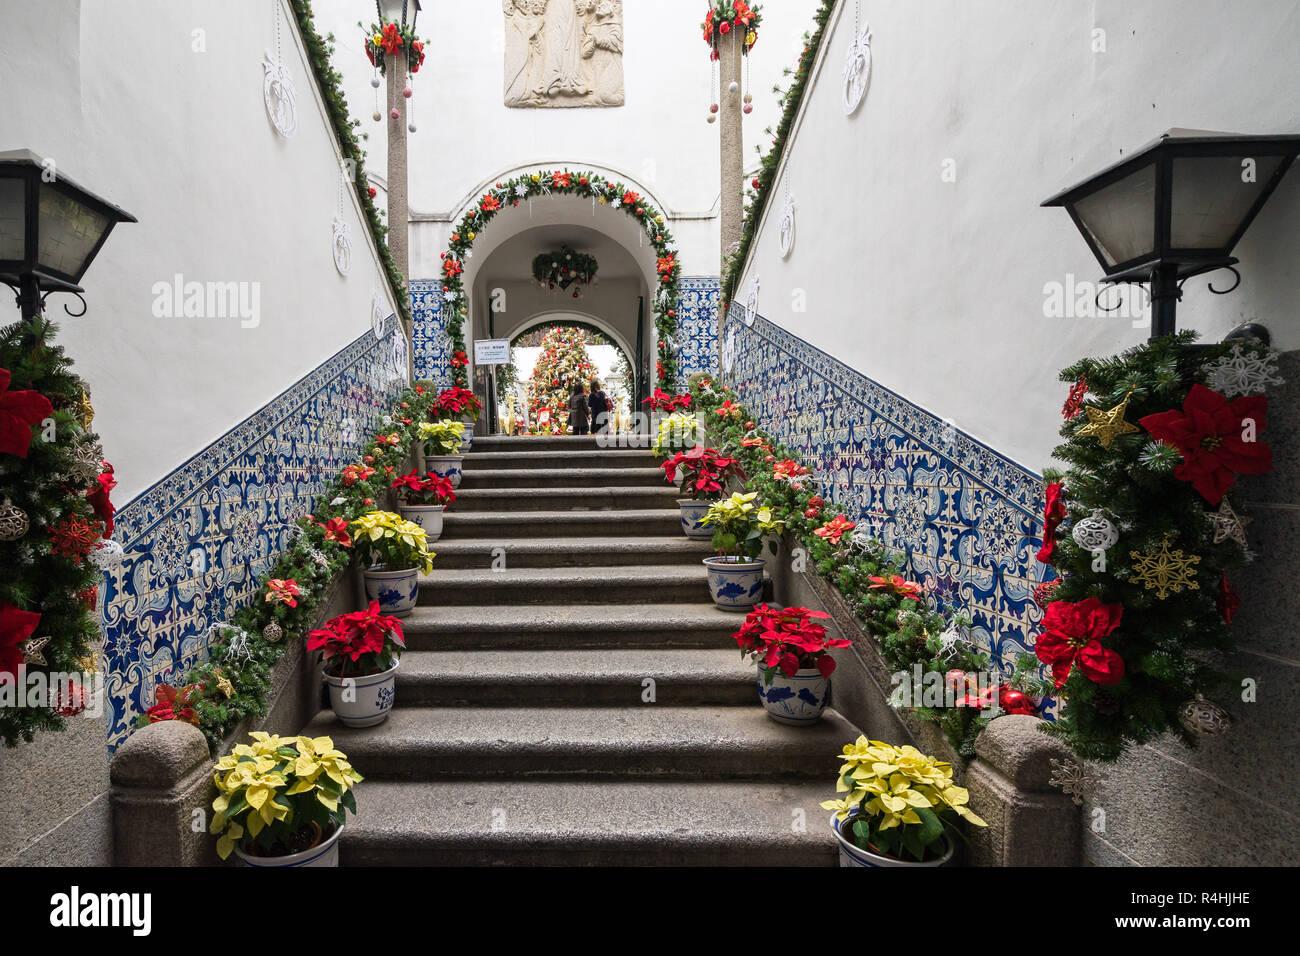 Decorazioni Natalizie Per Ufficio.Fiore Decorazioni Di Natale All Interno Di Civica Comunale E